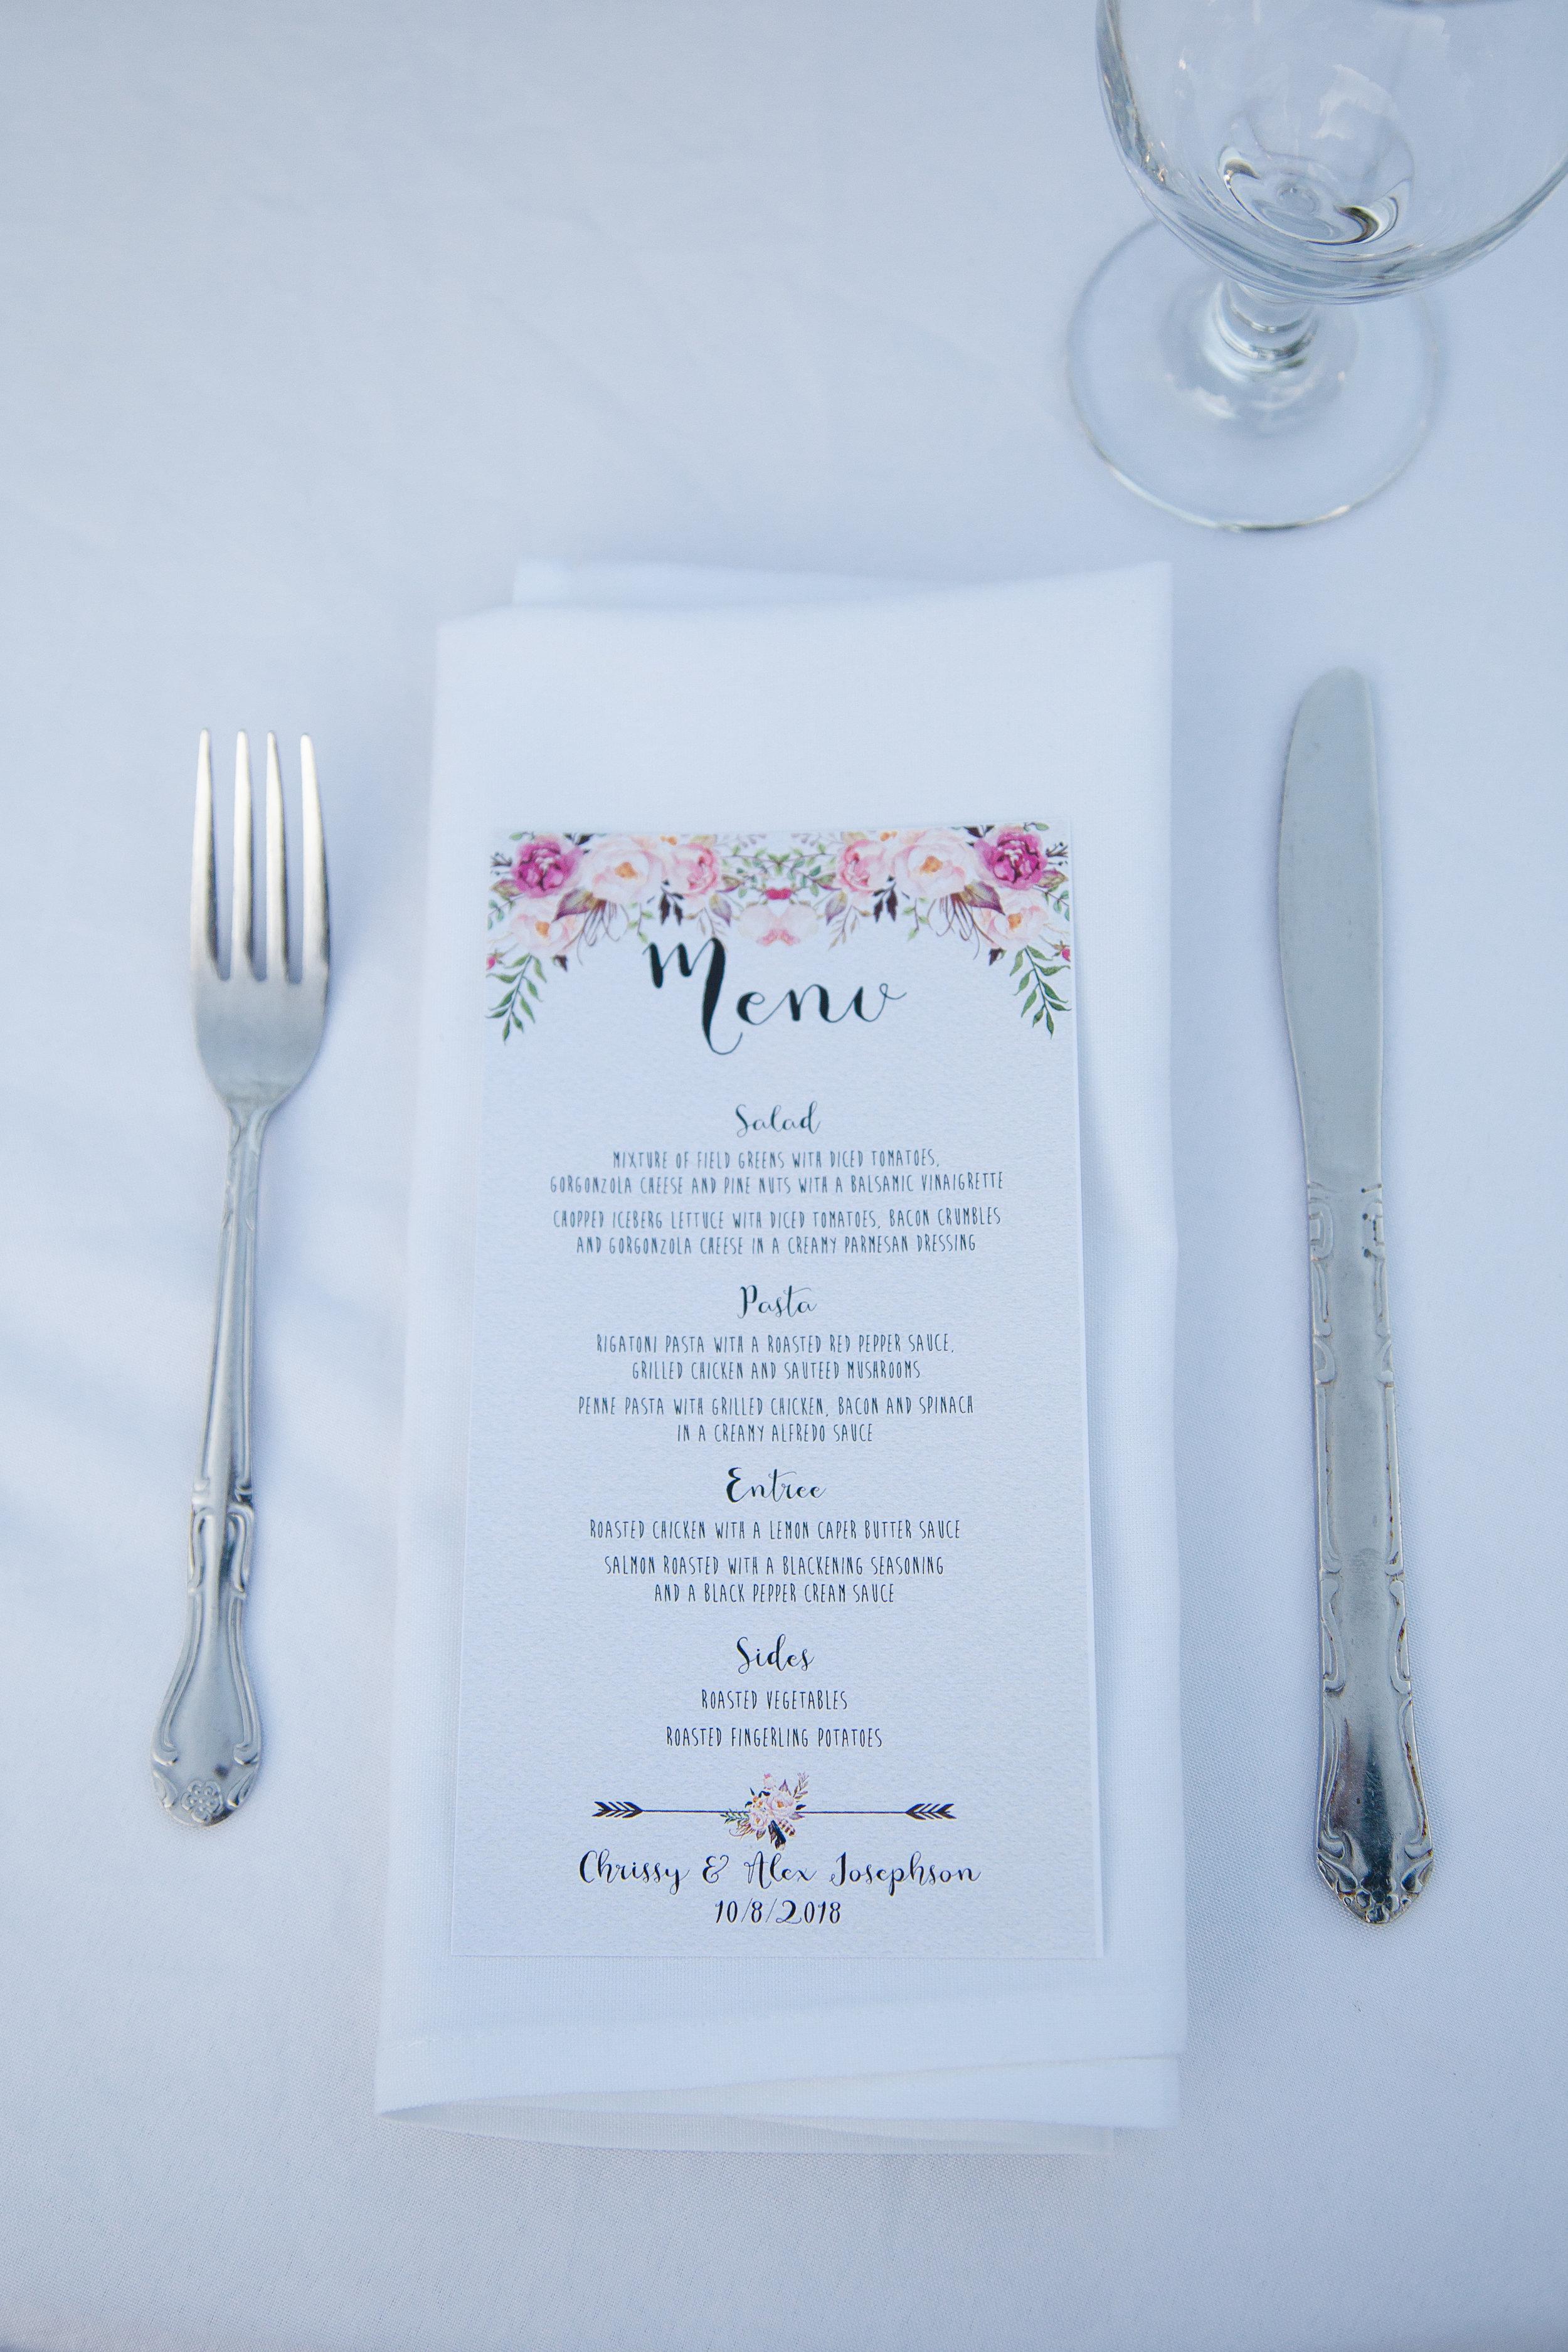 Wedding reception details at Chateau de Vie